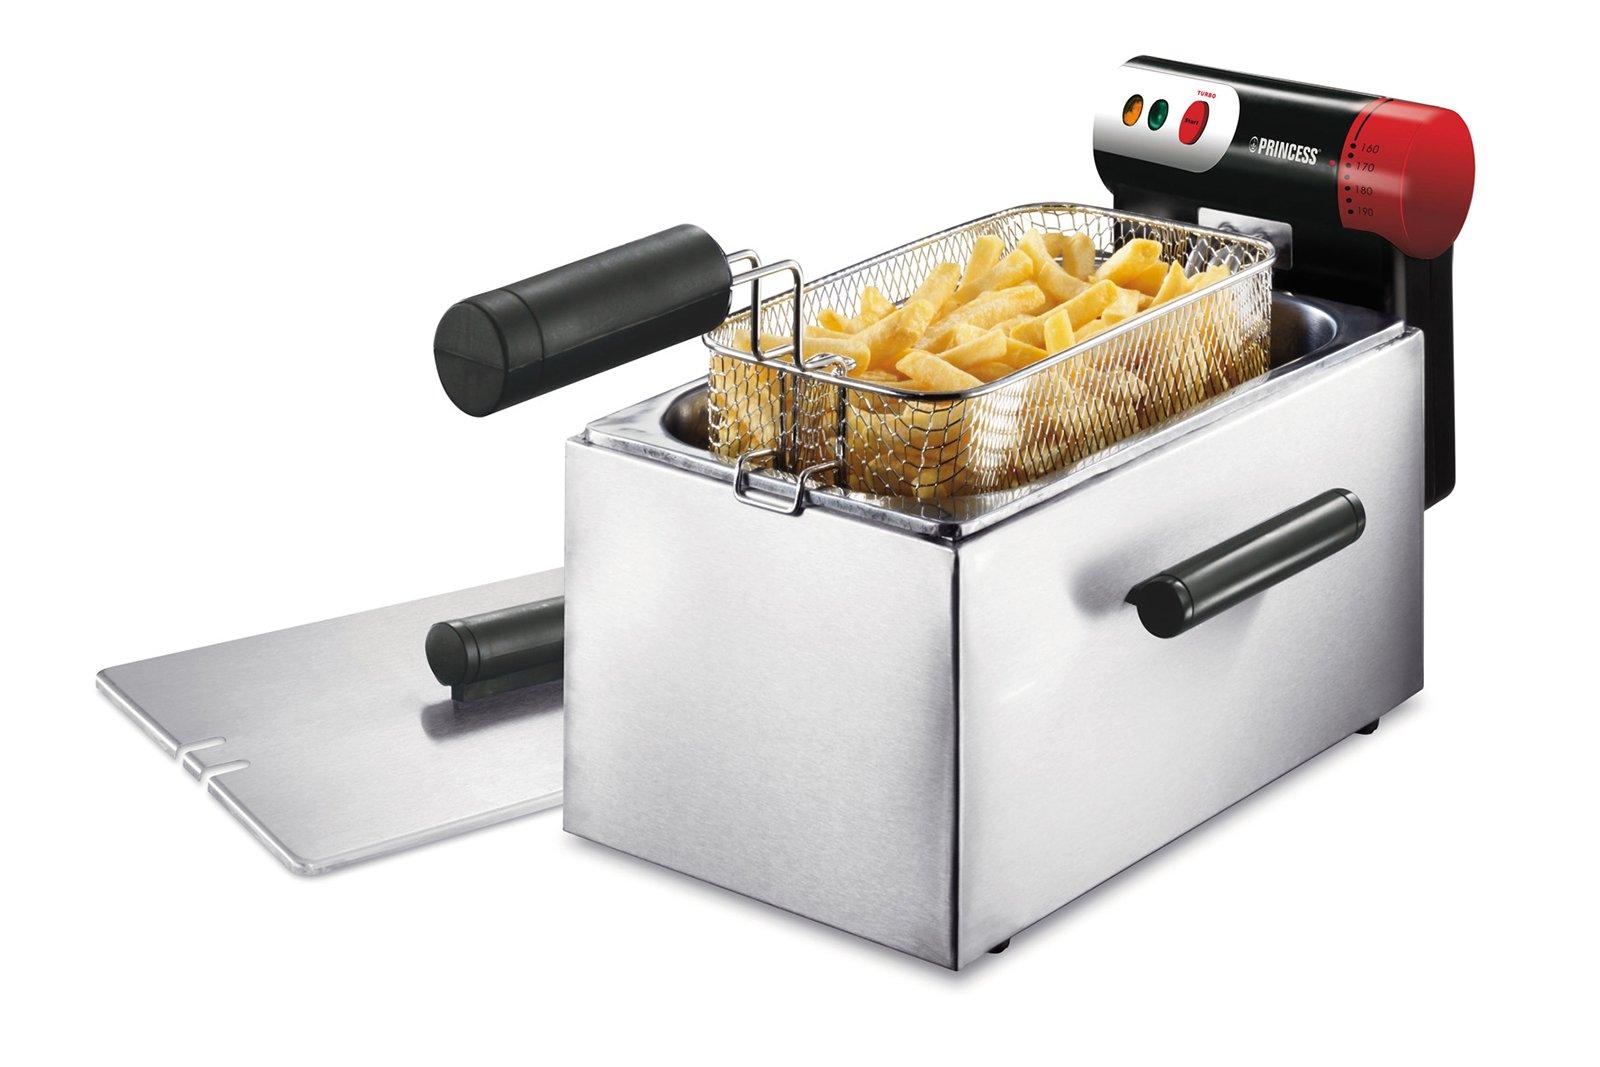 Friggitrici cucinare senza schizzi e limitando gli odori for Cucinare a 70 gradi